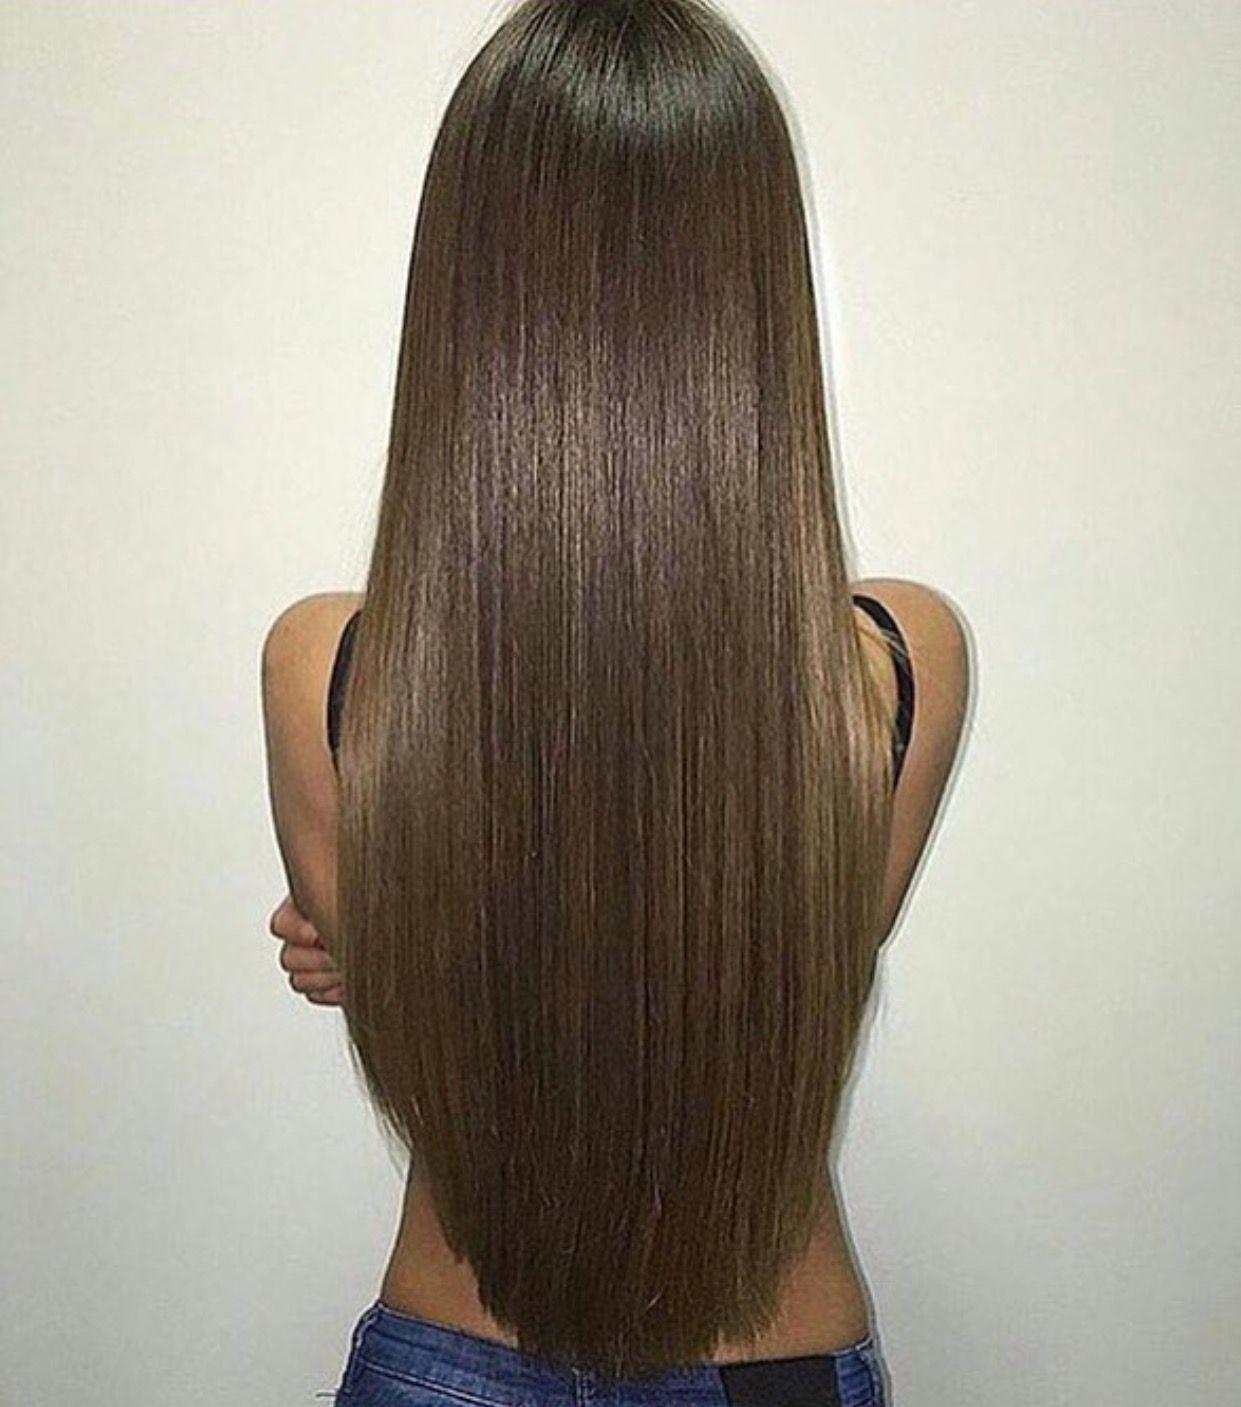 имя стало тонкие длинные волосы фото красиво ли это посетители, рада приветствовать